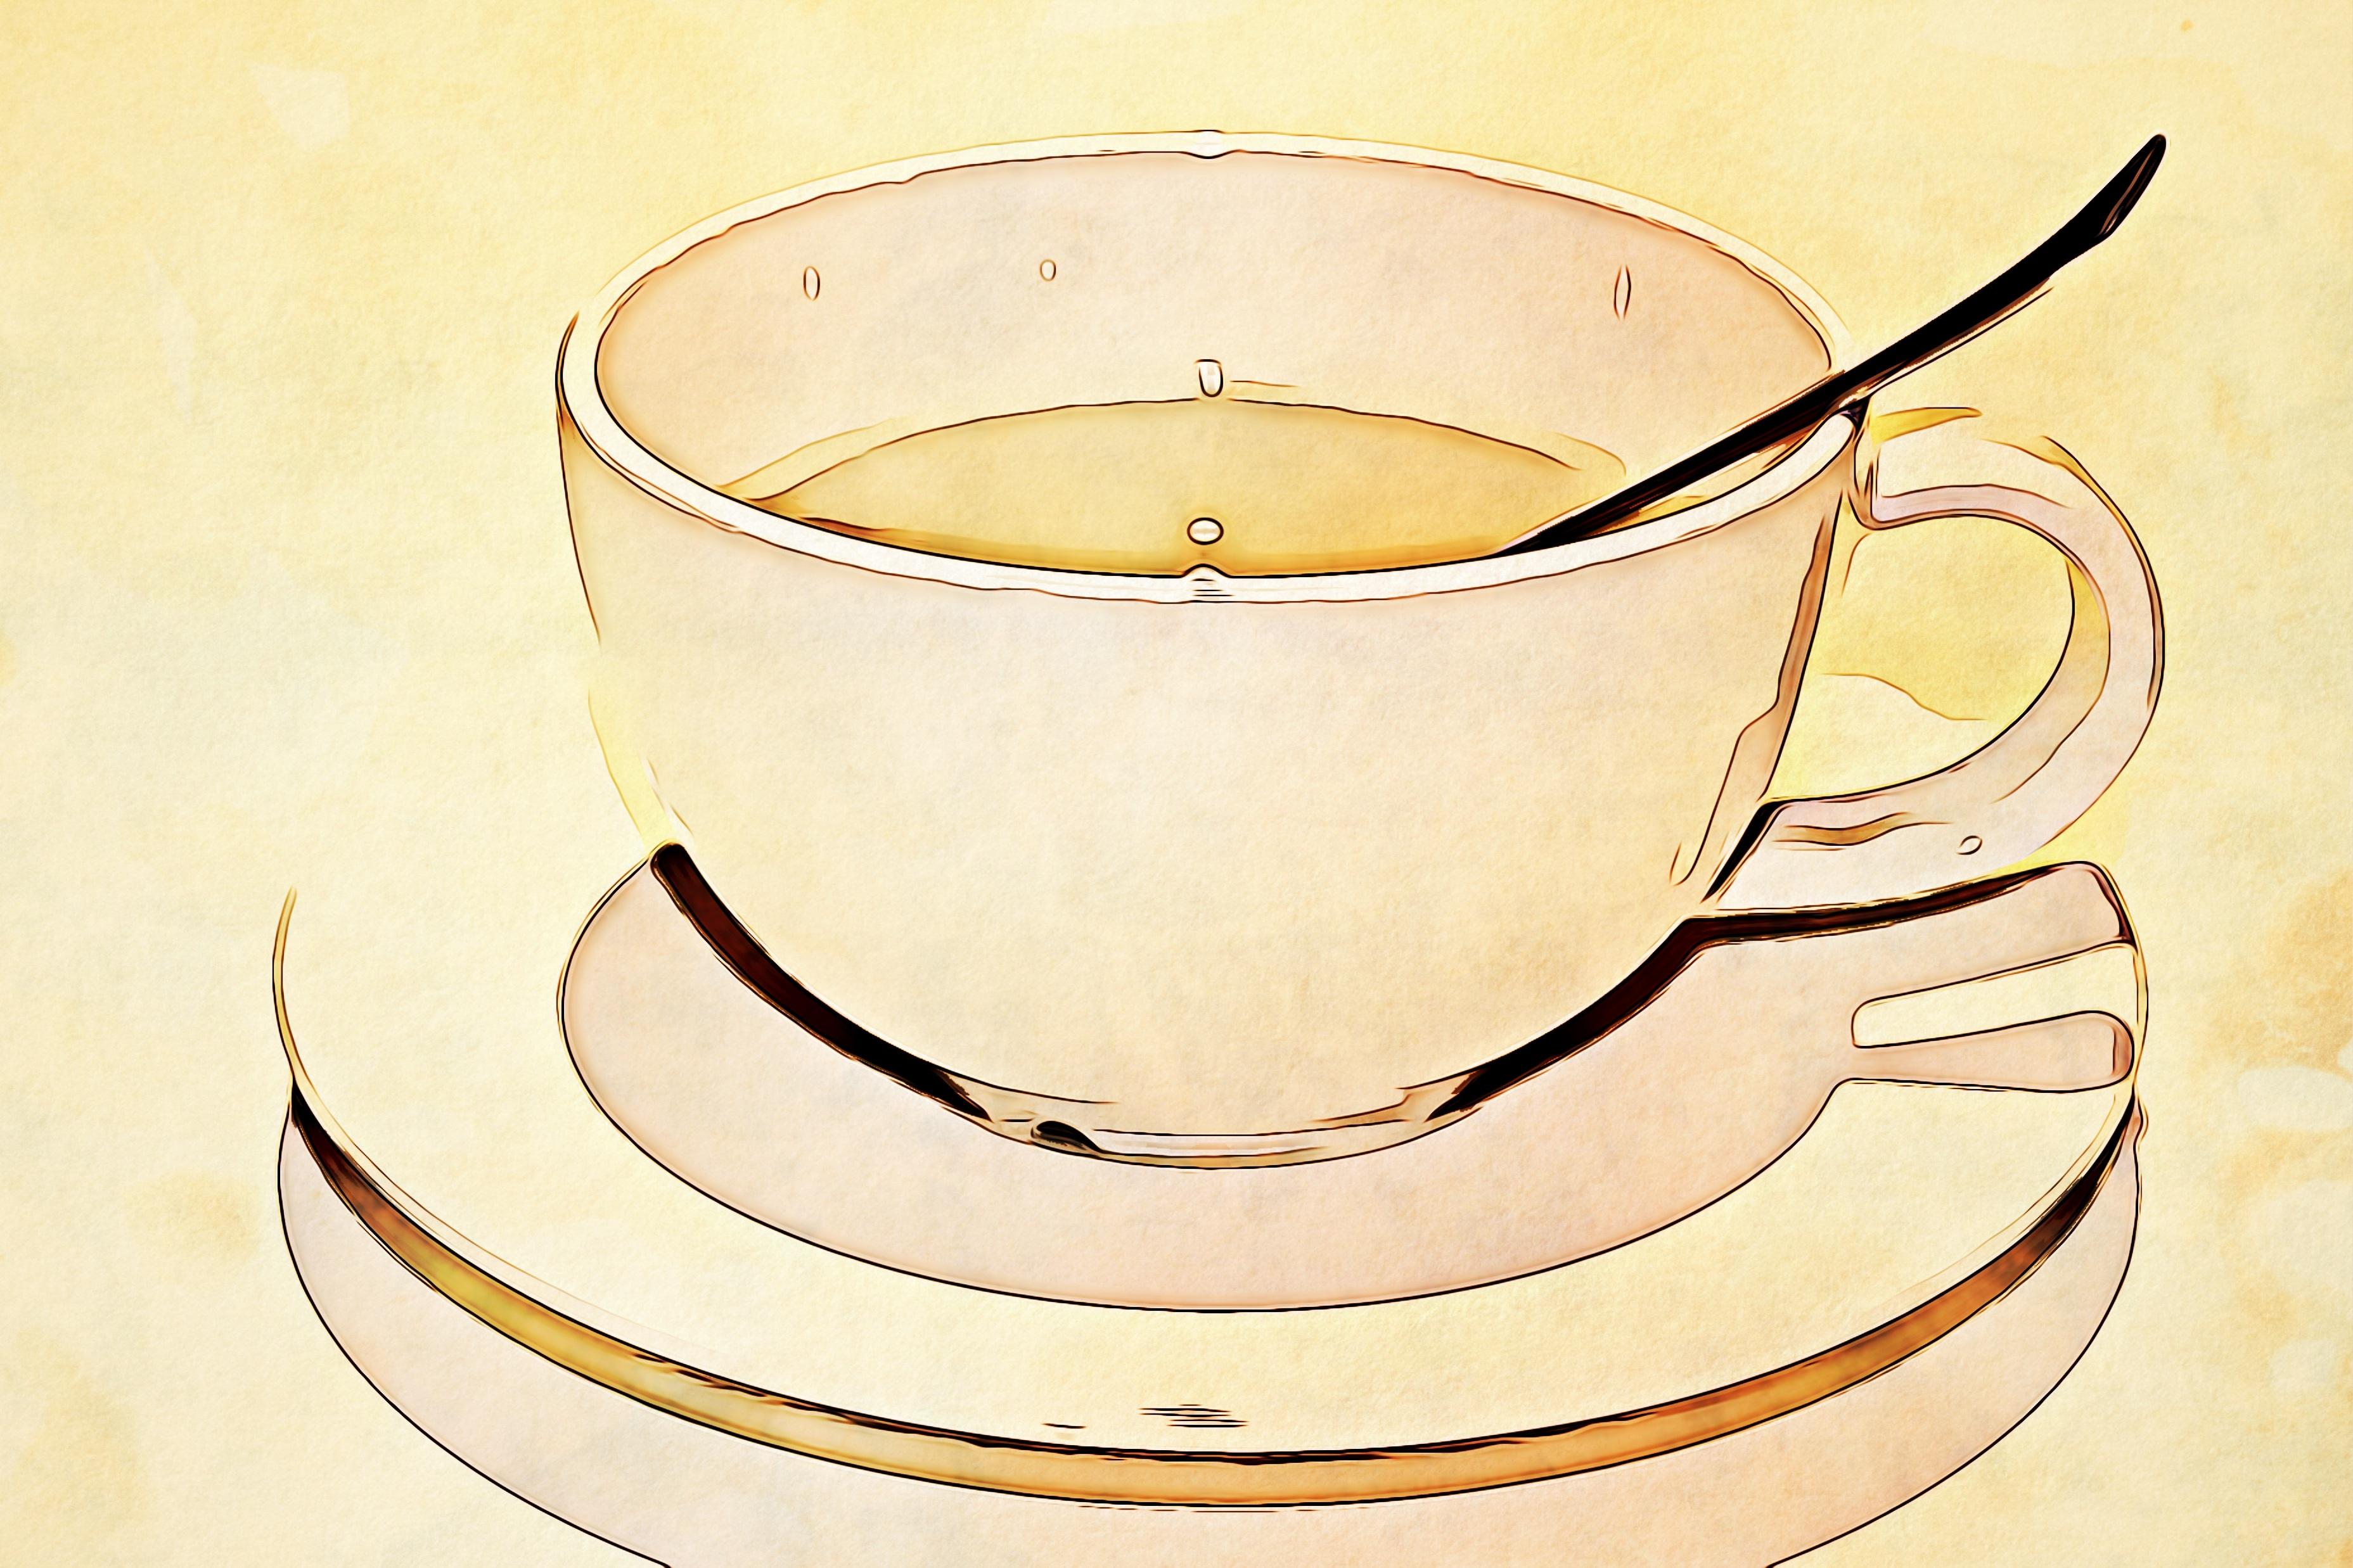 Free Images : tea, metal, drink, mug, lighting, coffee cup, spoon ...